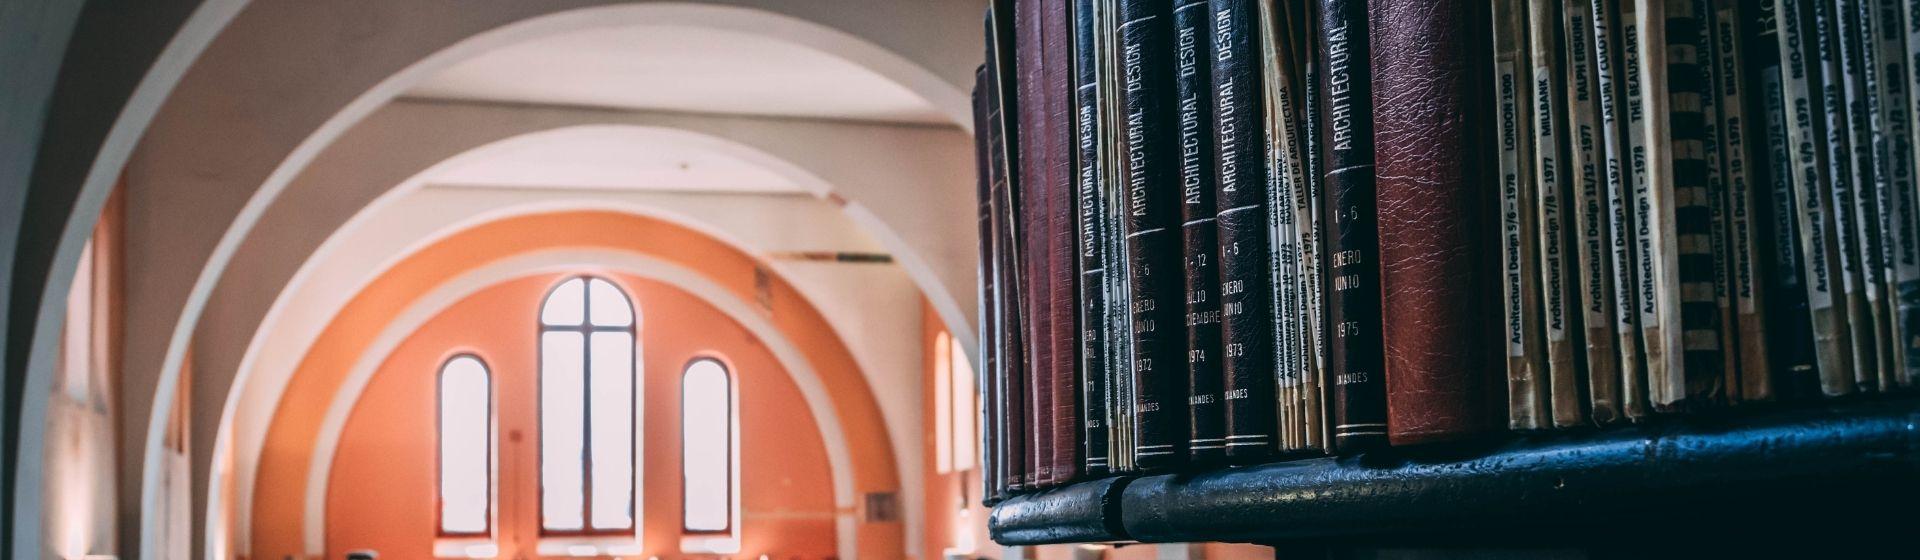 Blog biblioteca | Uniandes